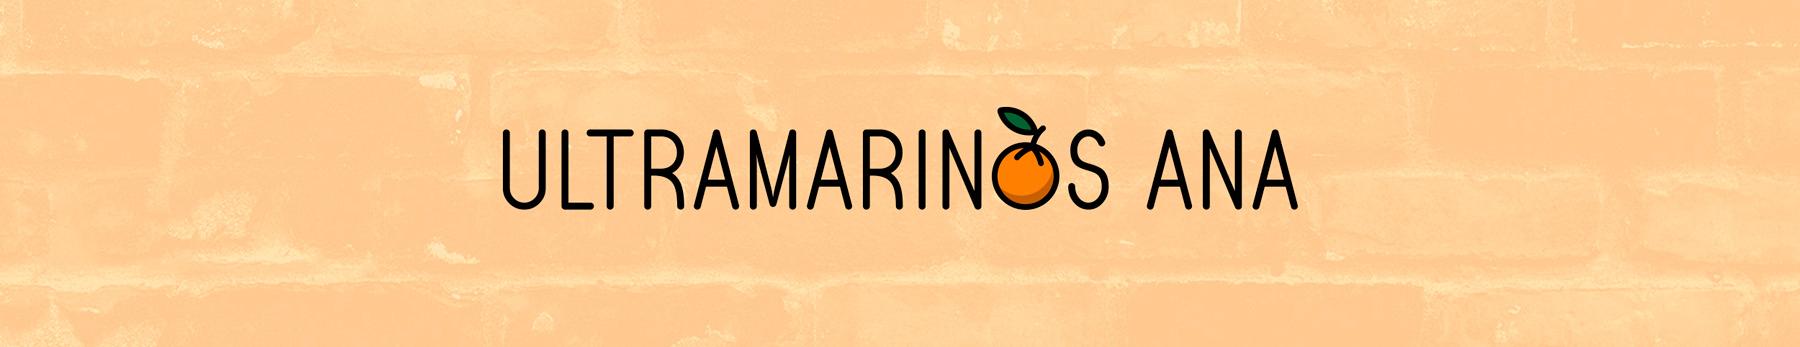 WEB-Ultramarinos-Ana-logo-02.png